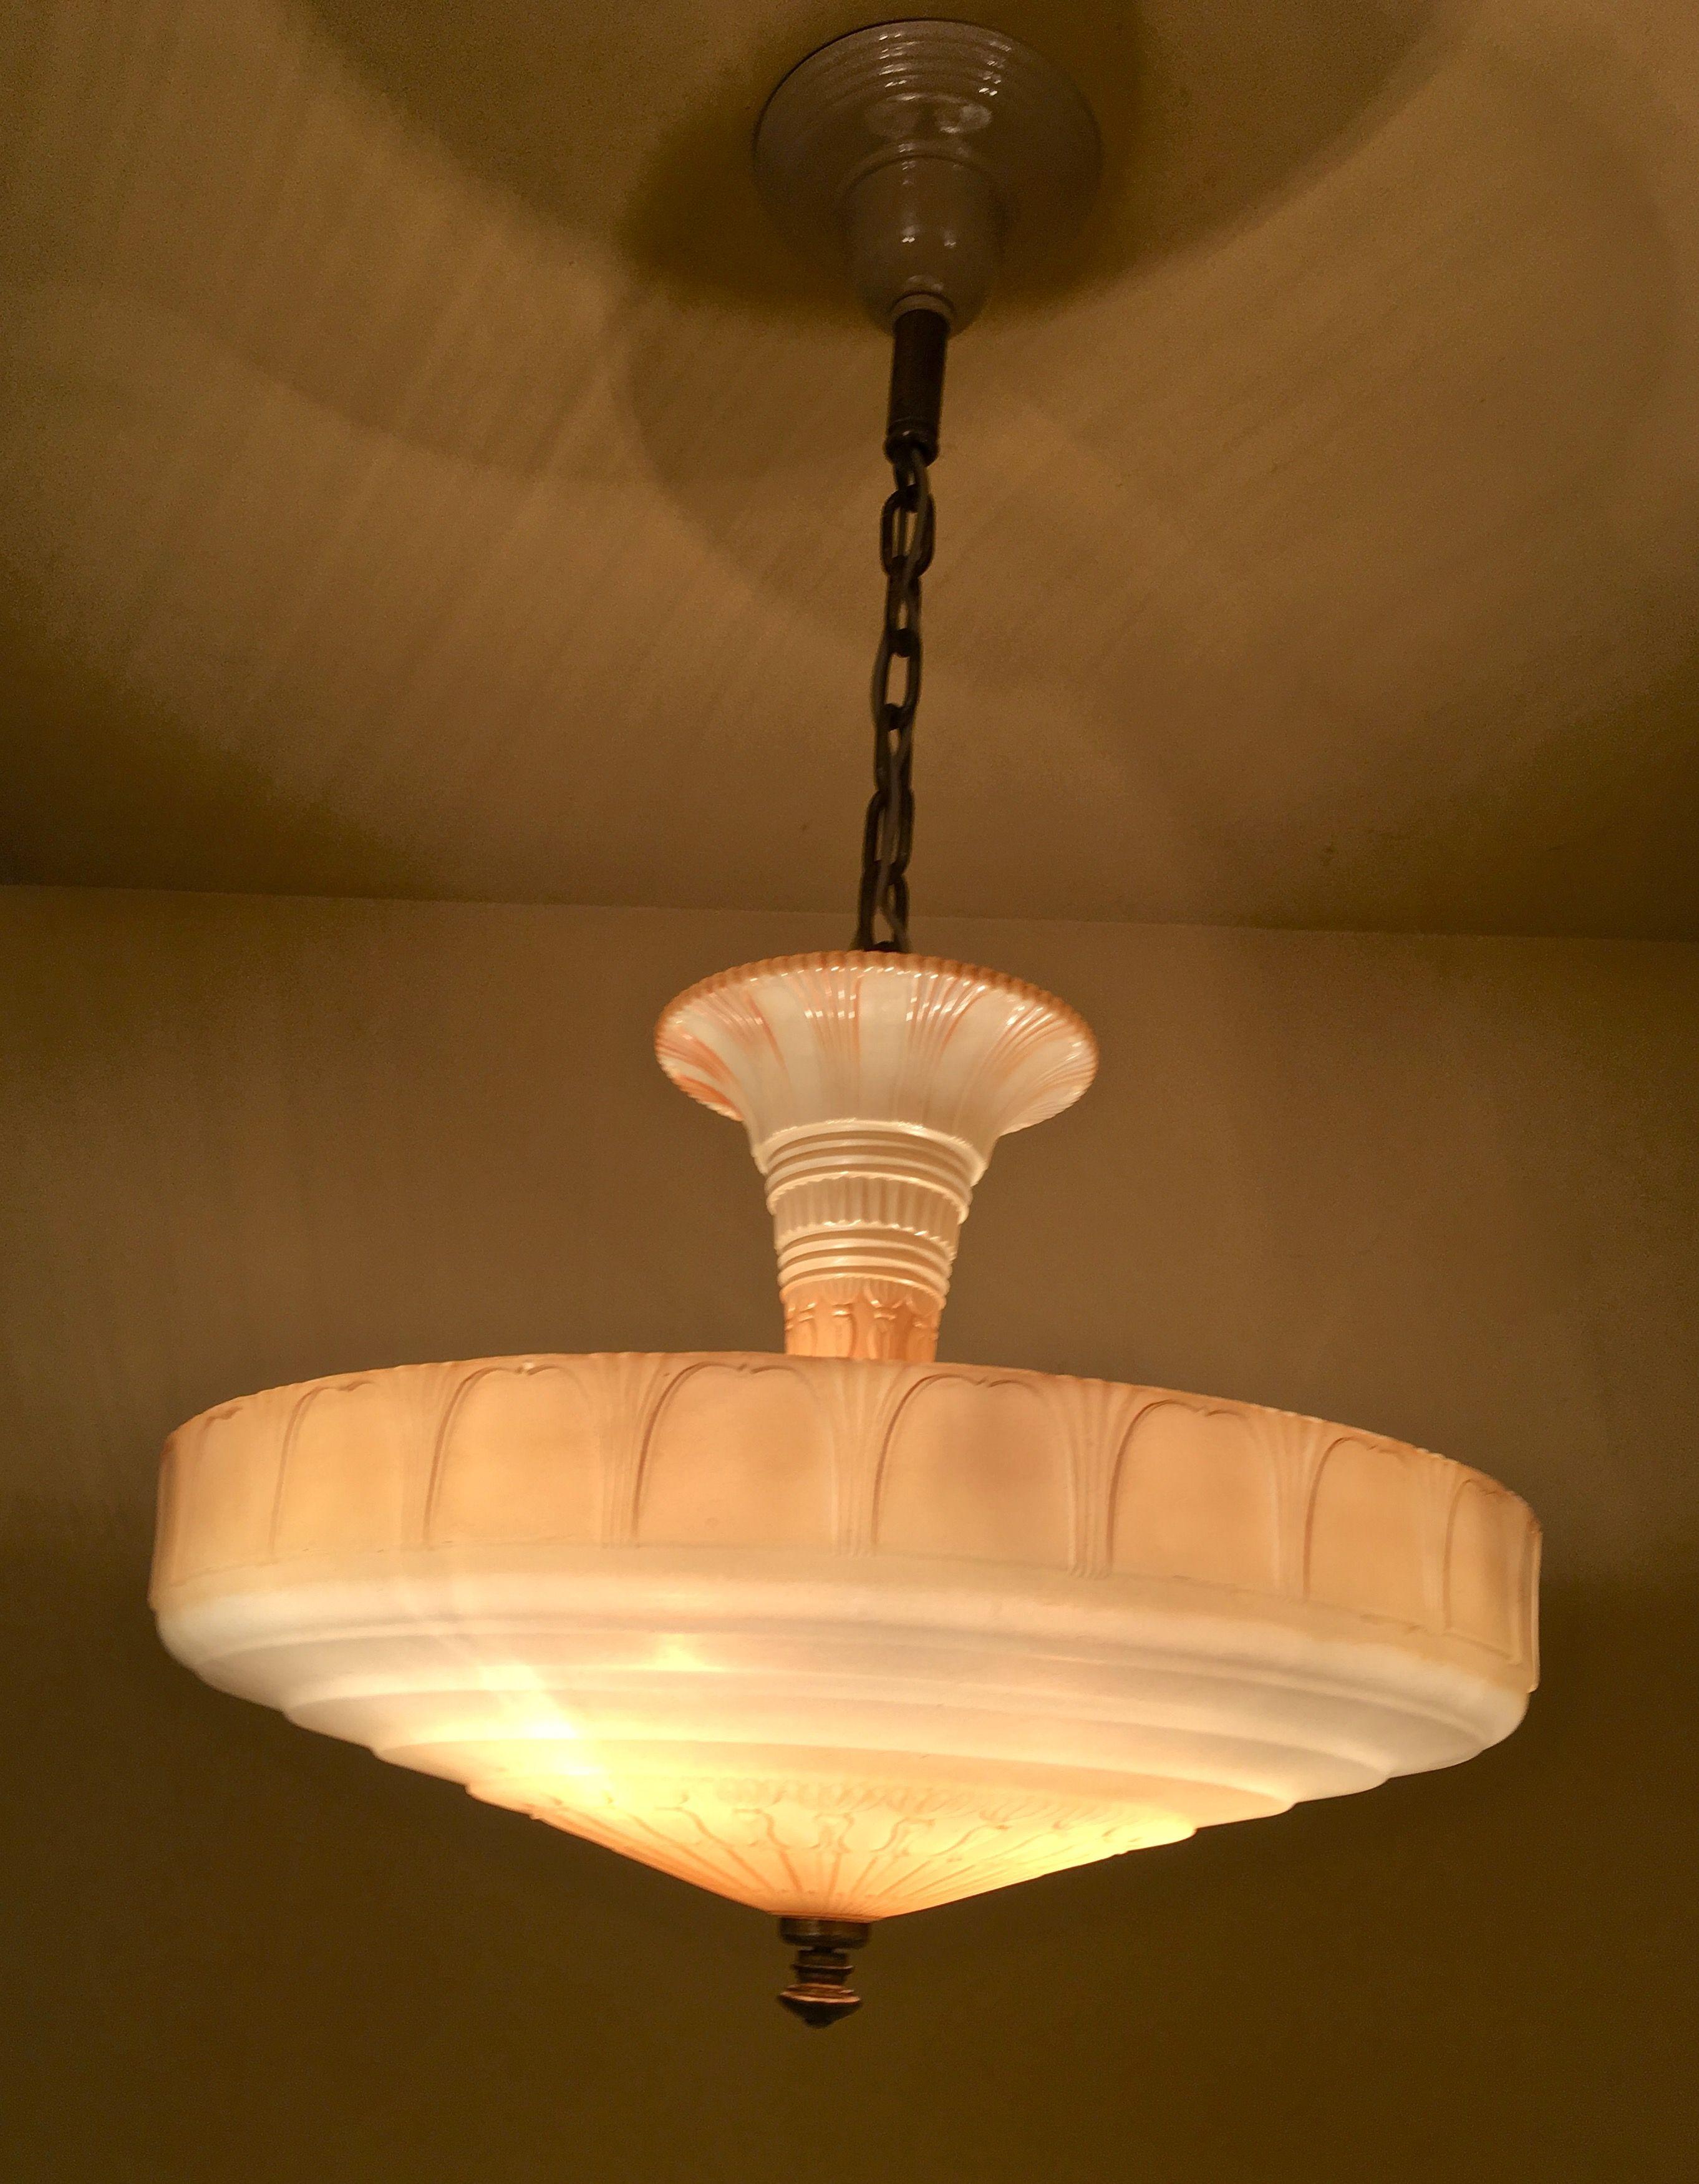 1930s Chandelier By Markel Art Deco Lighting Chandelier Antique Lighting